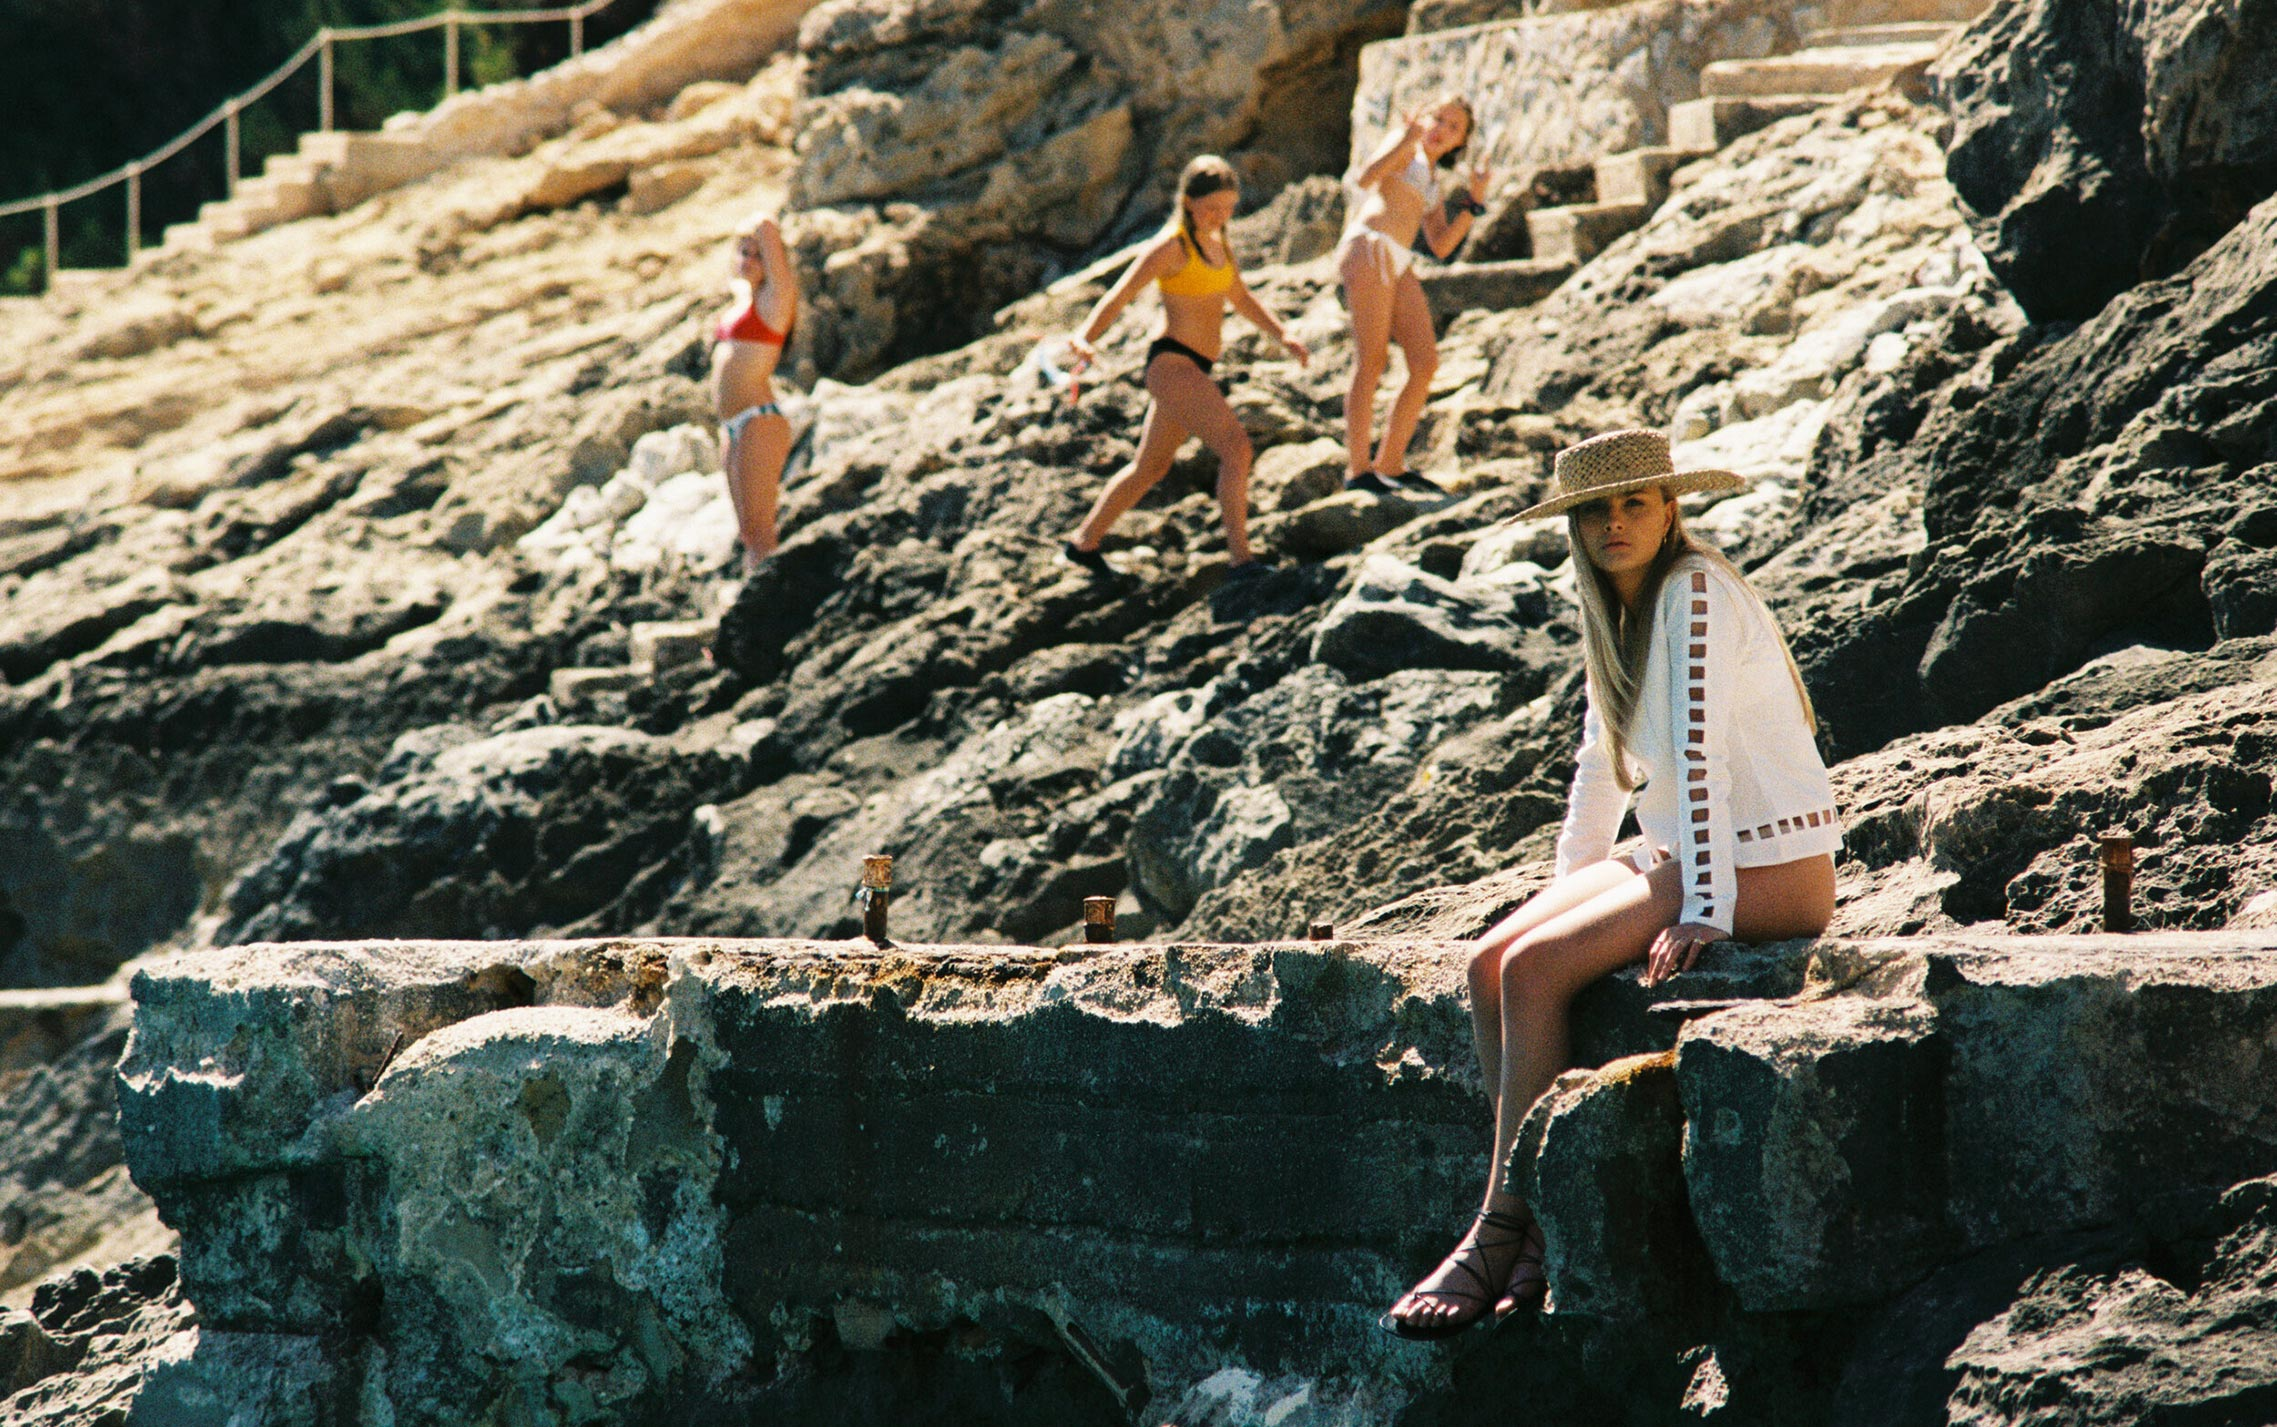 Бритни ван дер Стин в пляжной одежде модного бренда Rada Bryant, весна-лето 2020 / фото 17